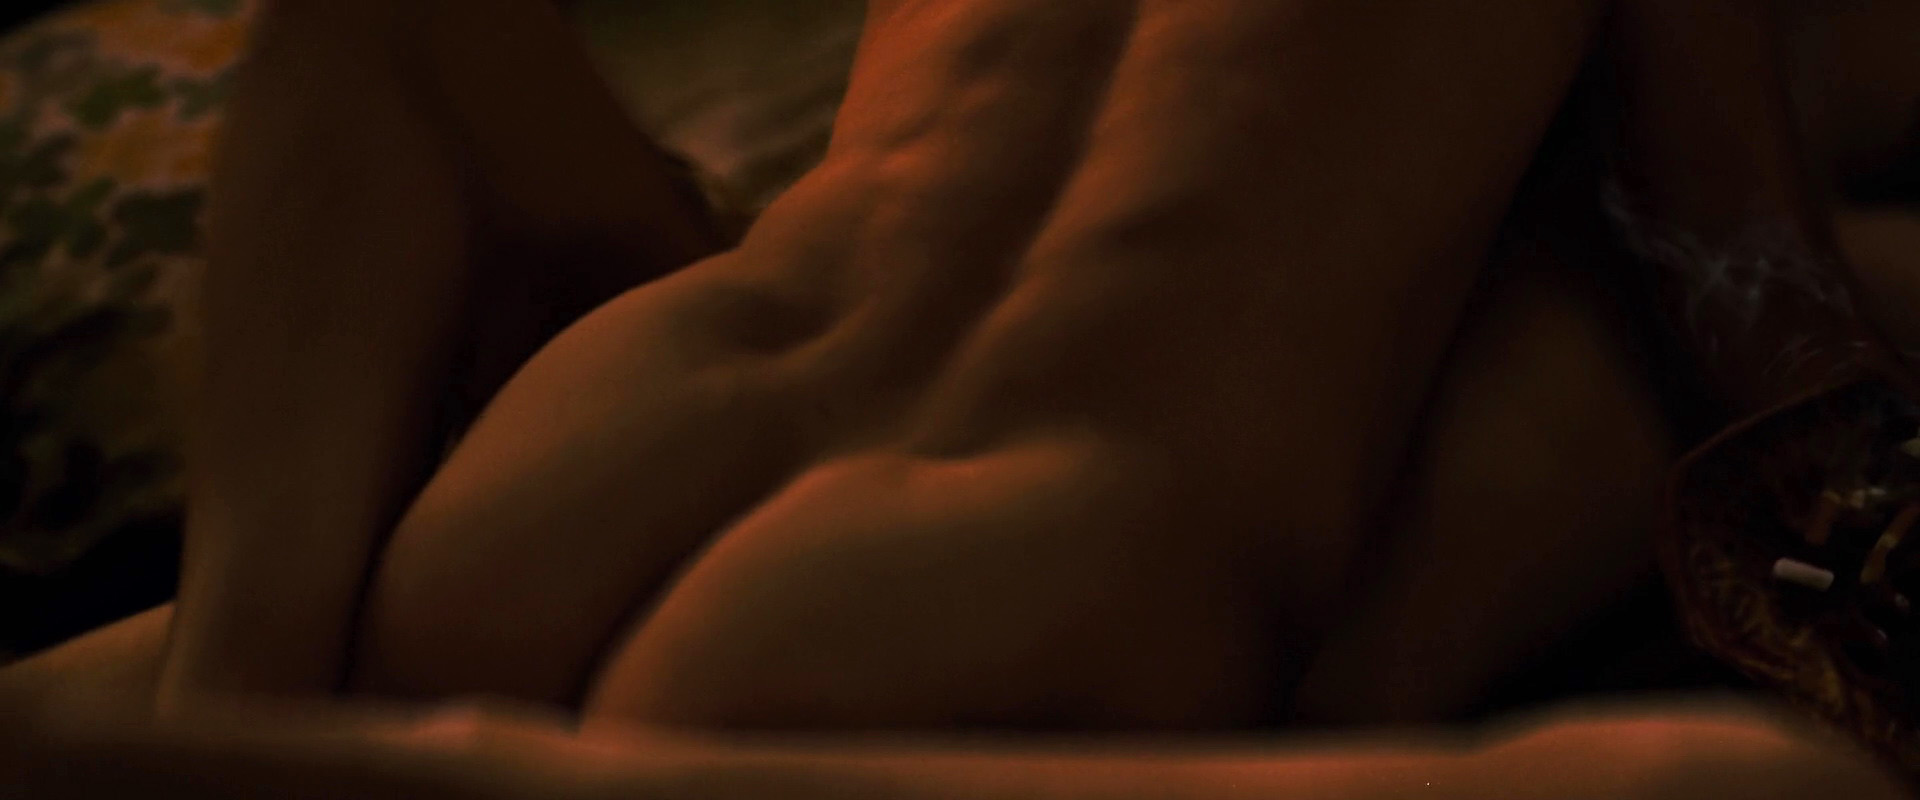 loki hentai